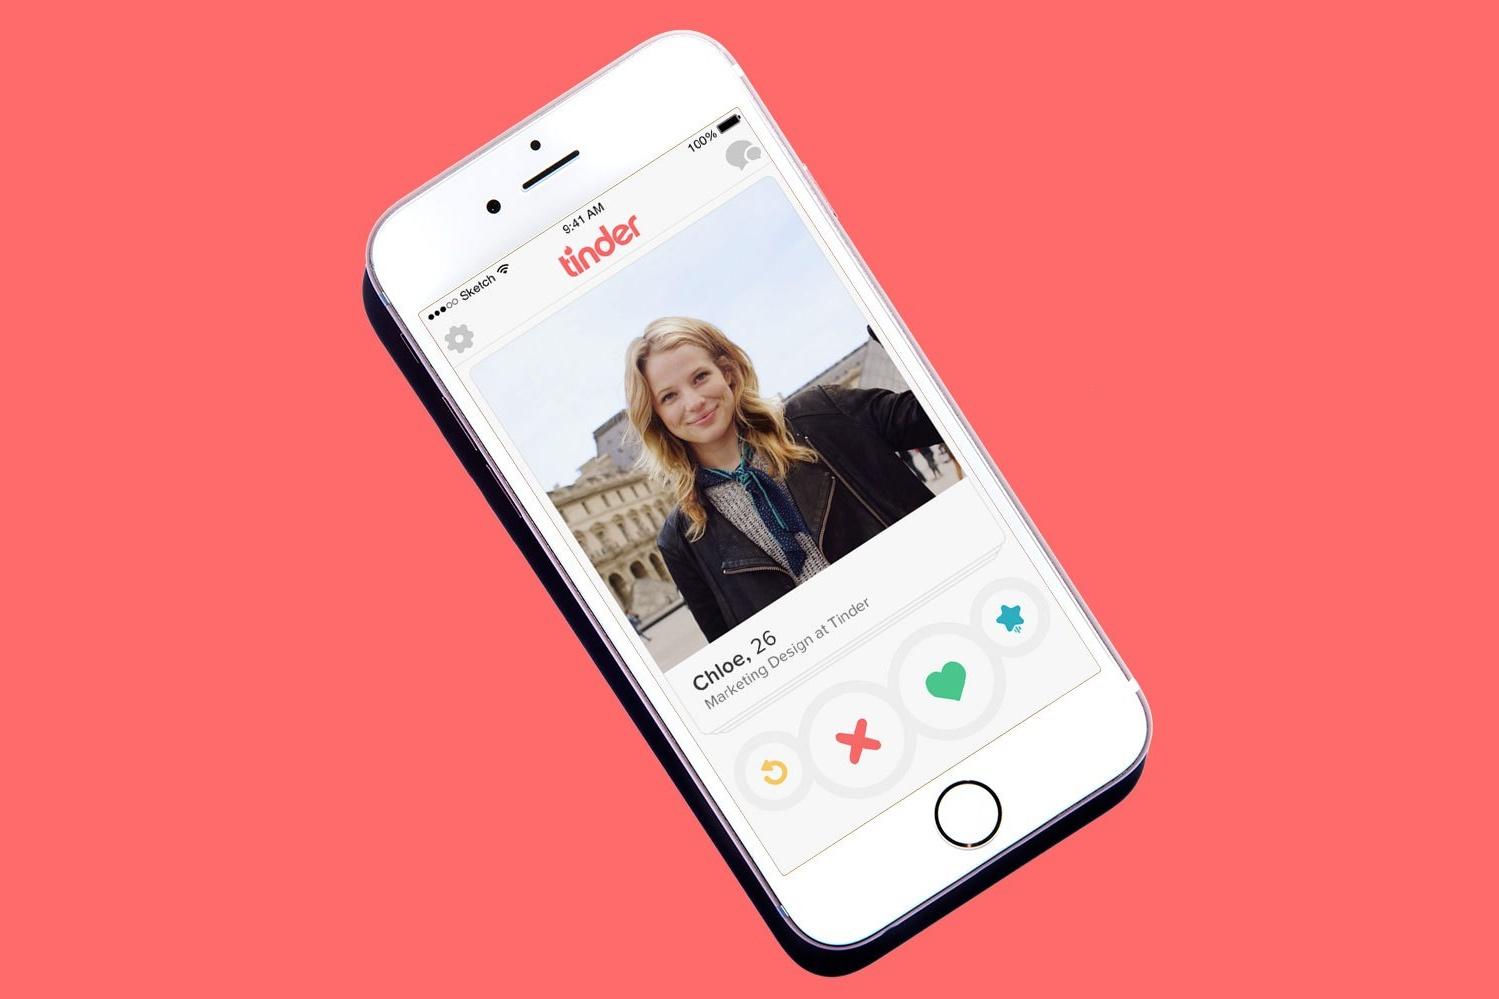 Imagem de Saiba quais profissionais mais atraem homens e mulheres no Tinder no tecmundo